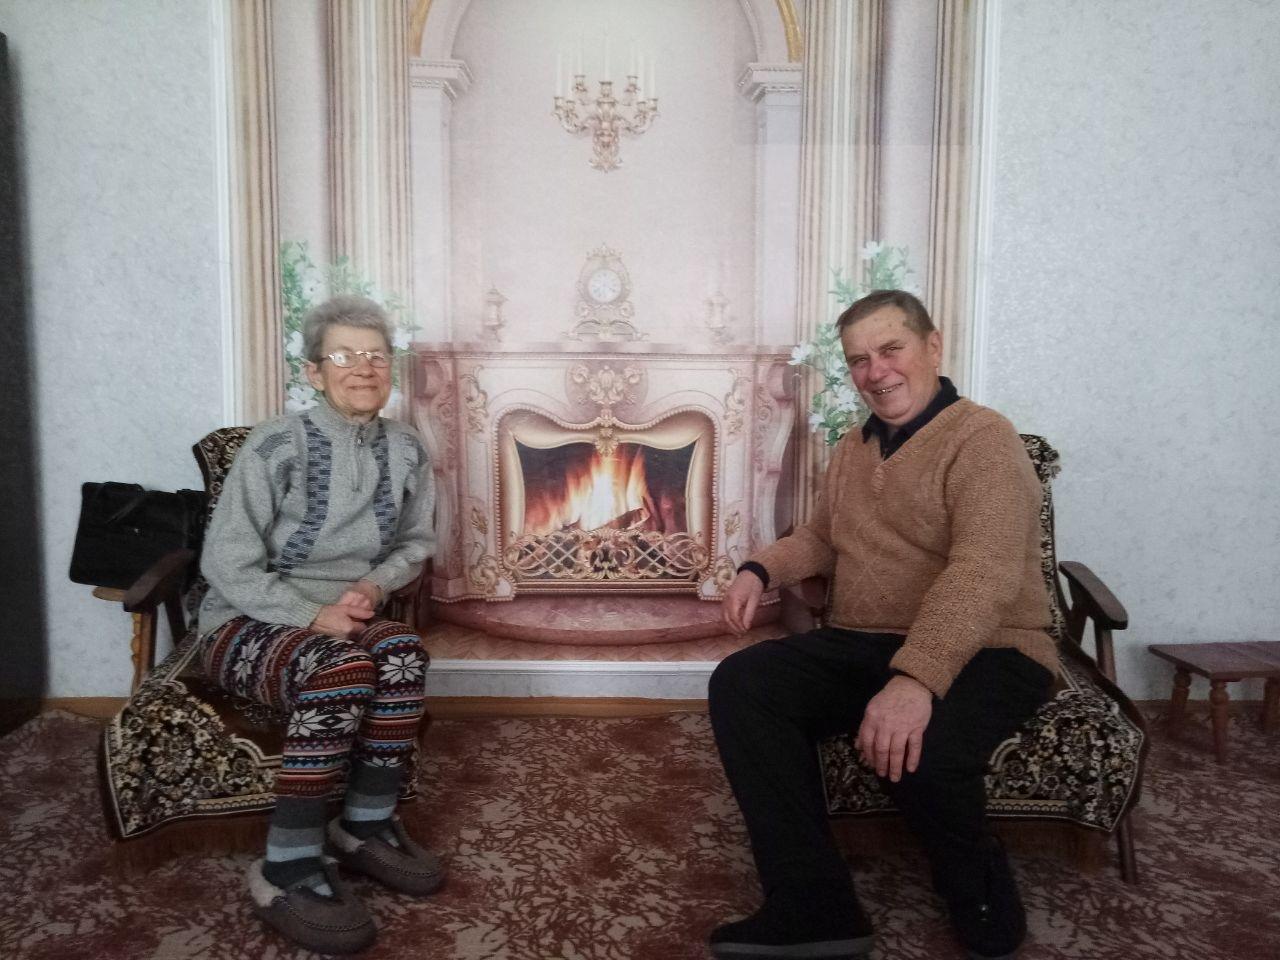 """""""Раны начинают заживать"""": интервью с семьей, которая из-за Чернобыльской катастрофы переехала на Николаевщину, - ФОТО , фото-3"""